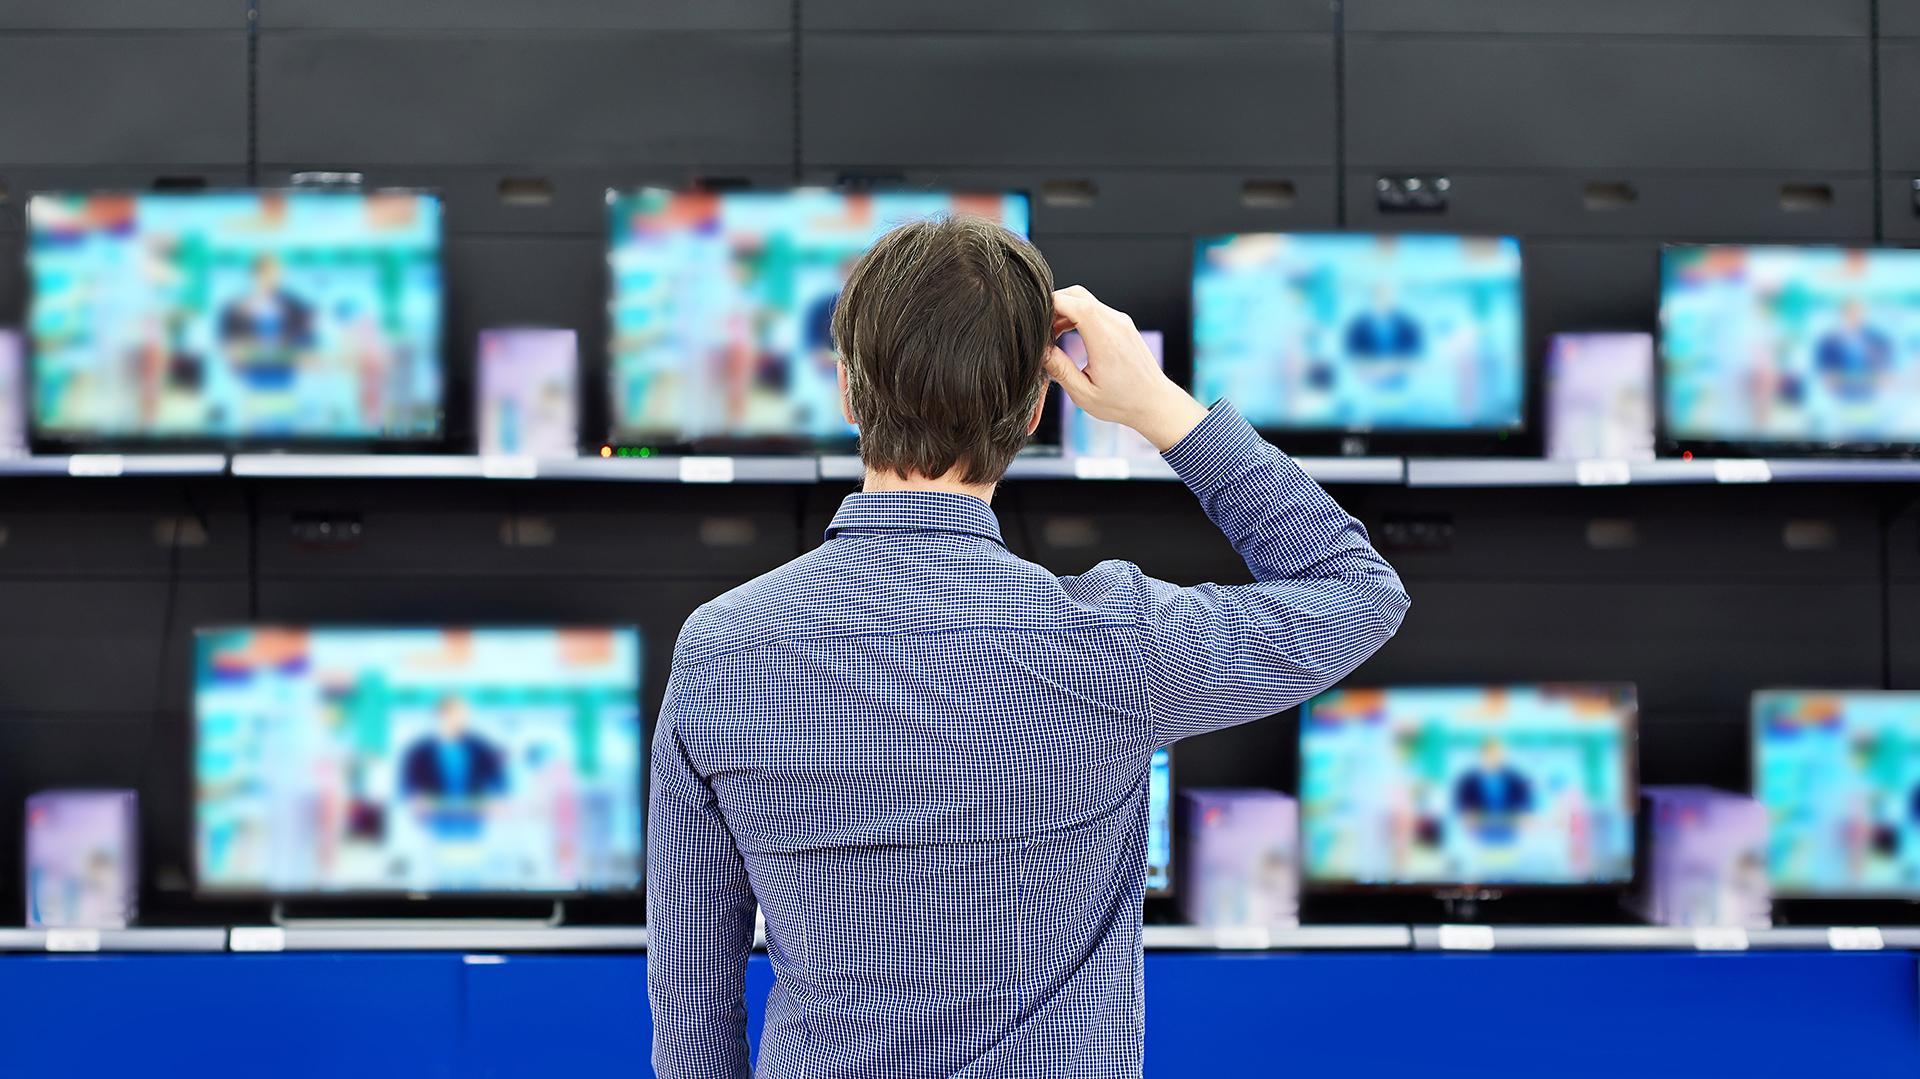 Типы телевизоров, матрицы и их особенности